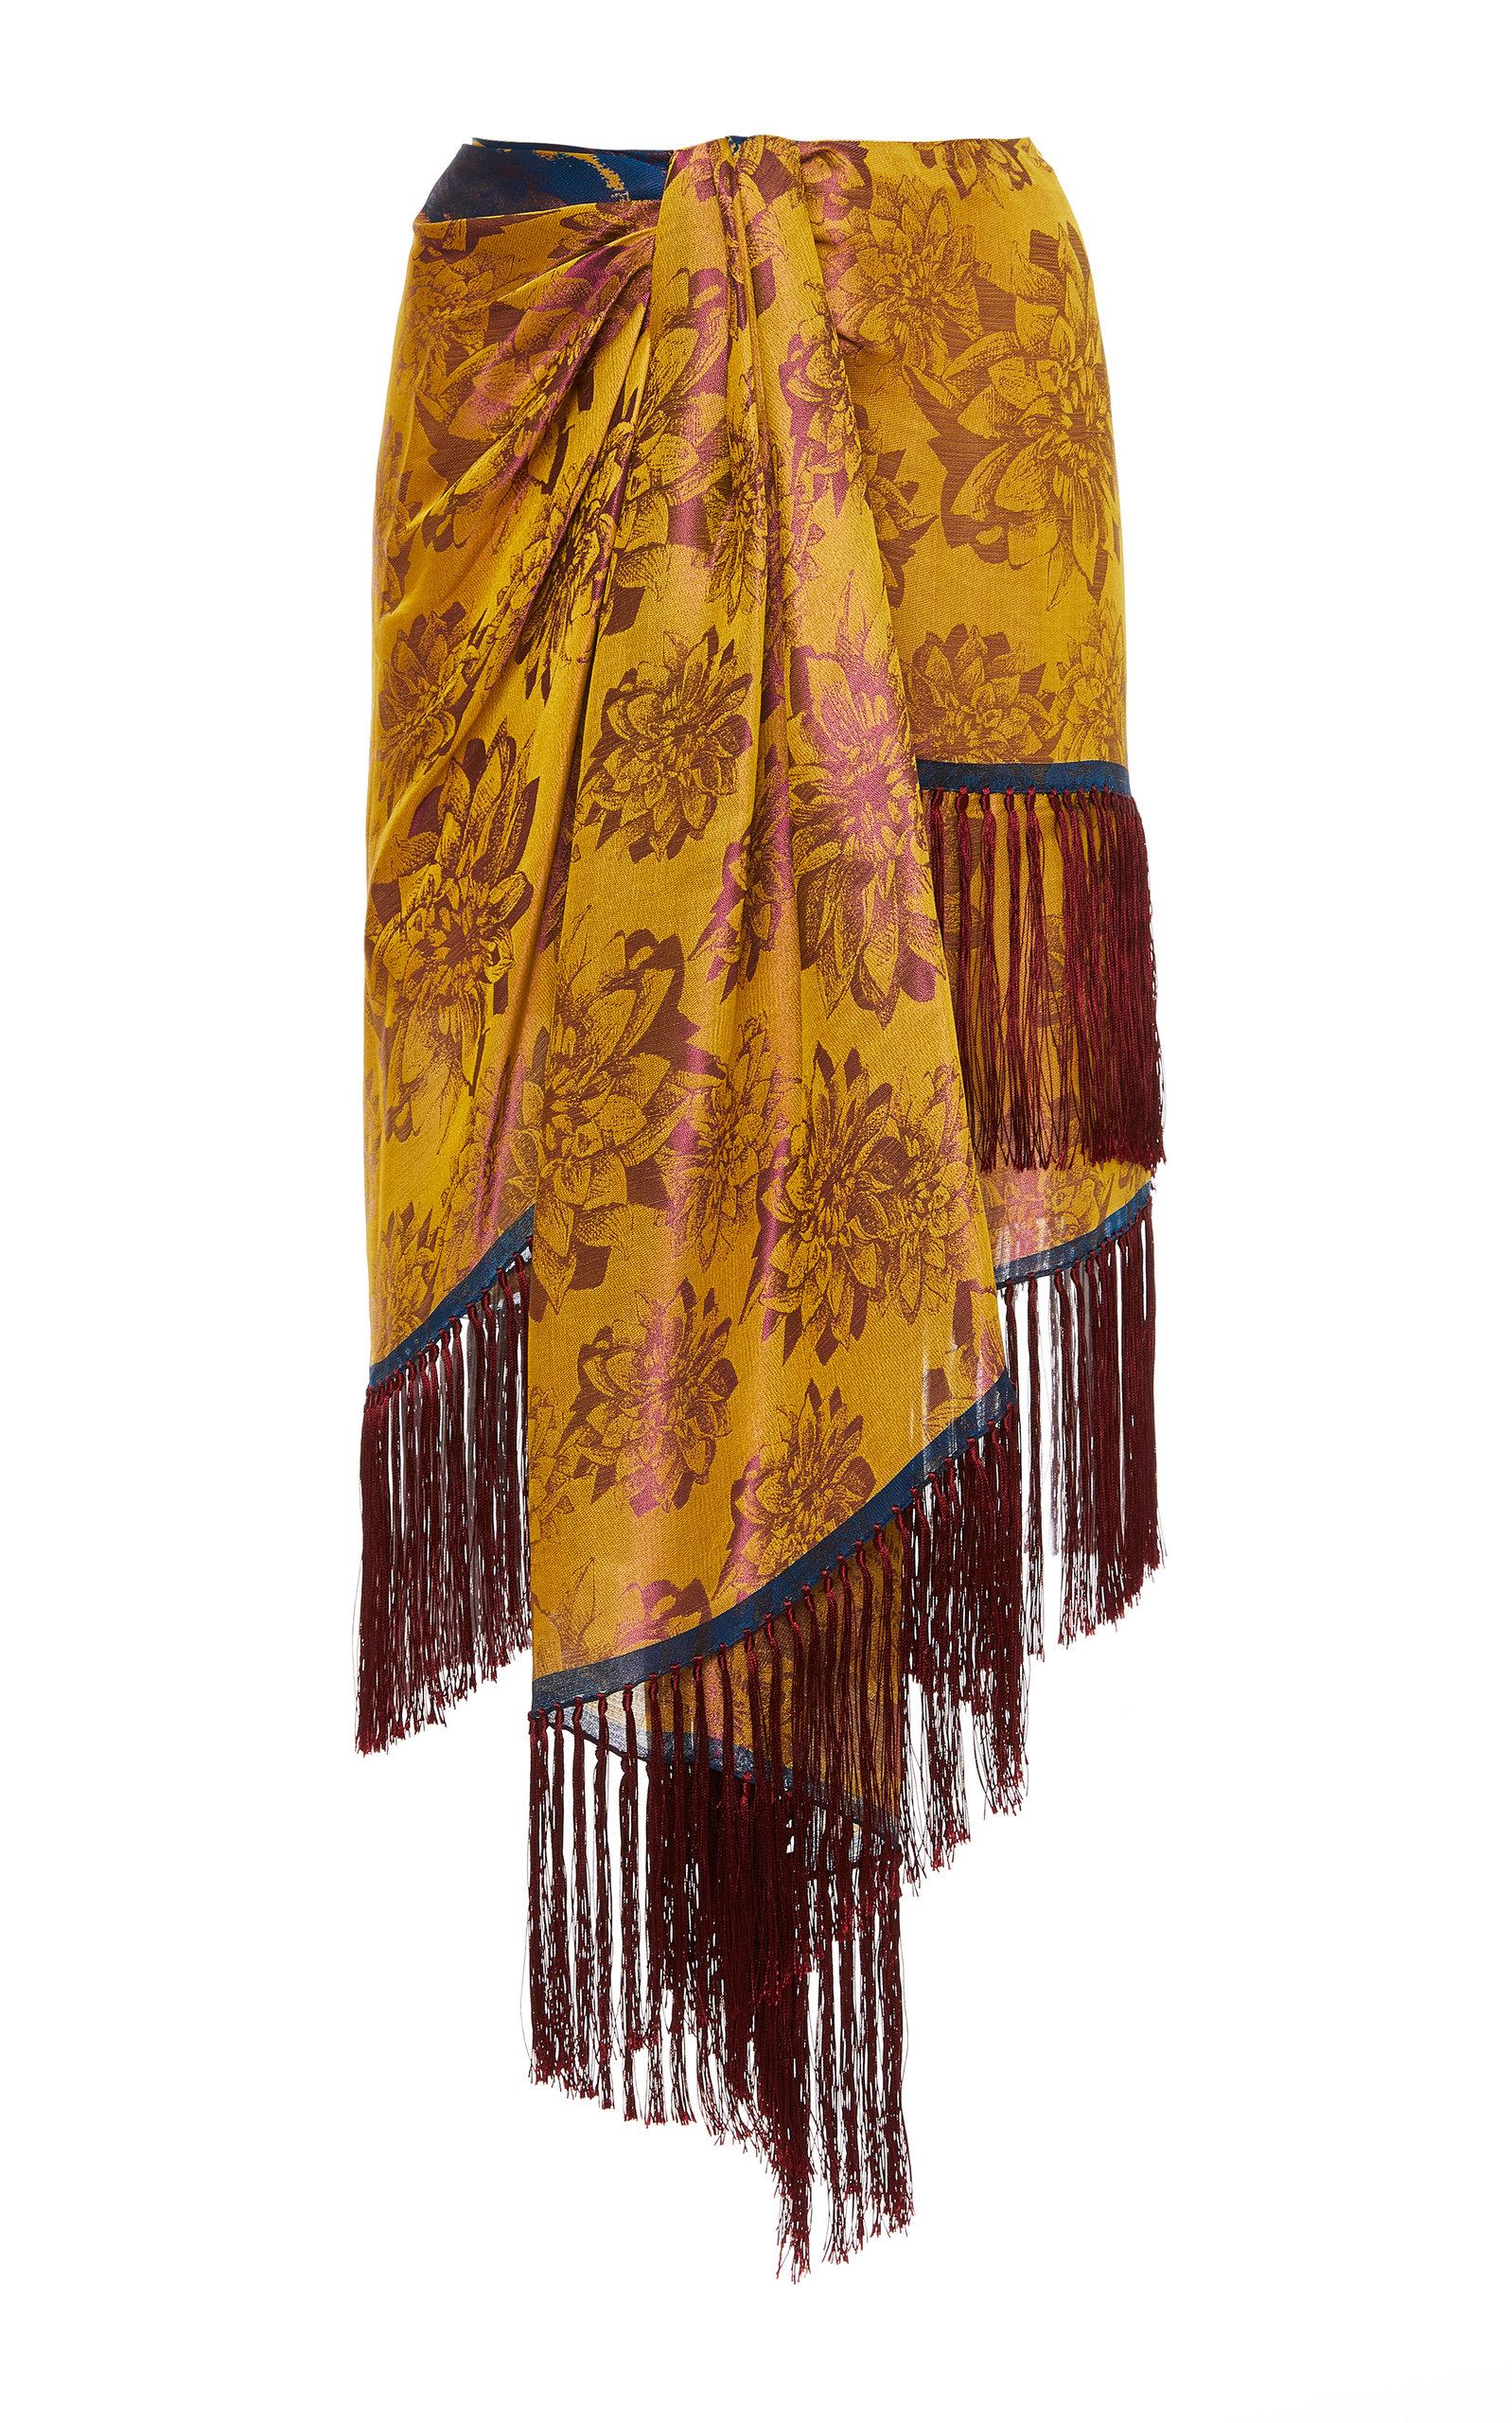 OSCAR DE LA RENTA | Oscar De La Renta Fringe-Trimmed Floral-Print Silk Midi Skirt | Goxip